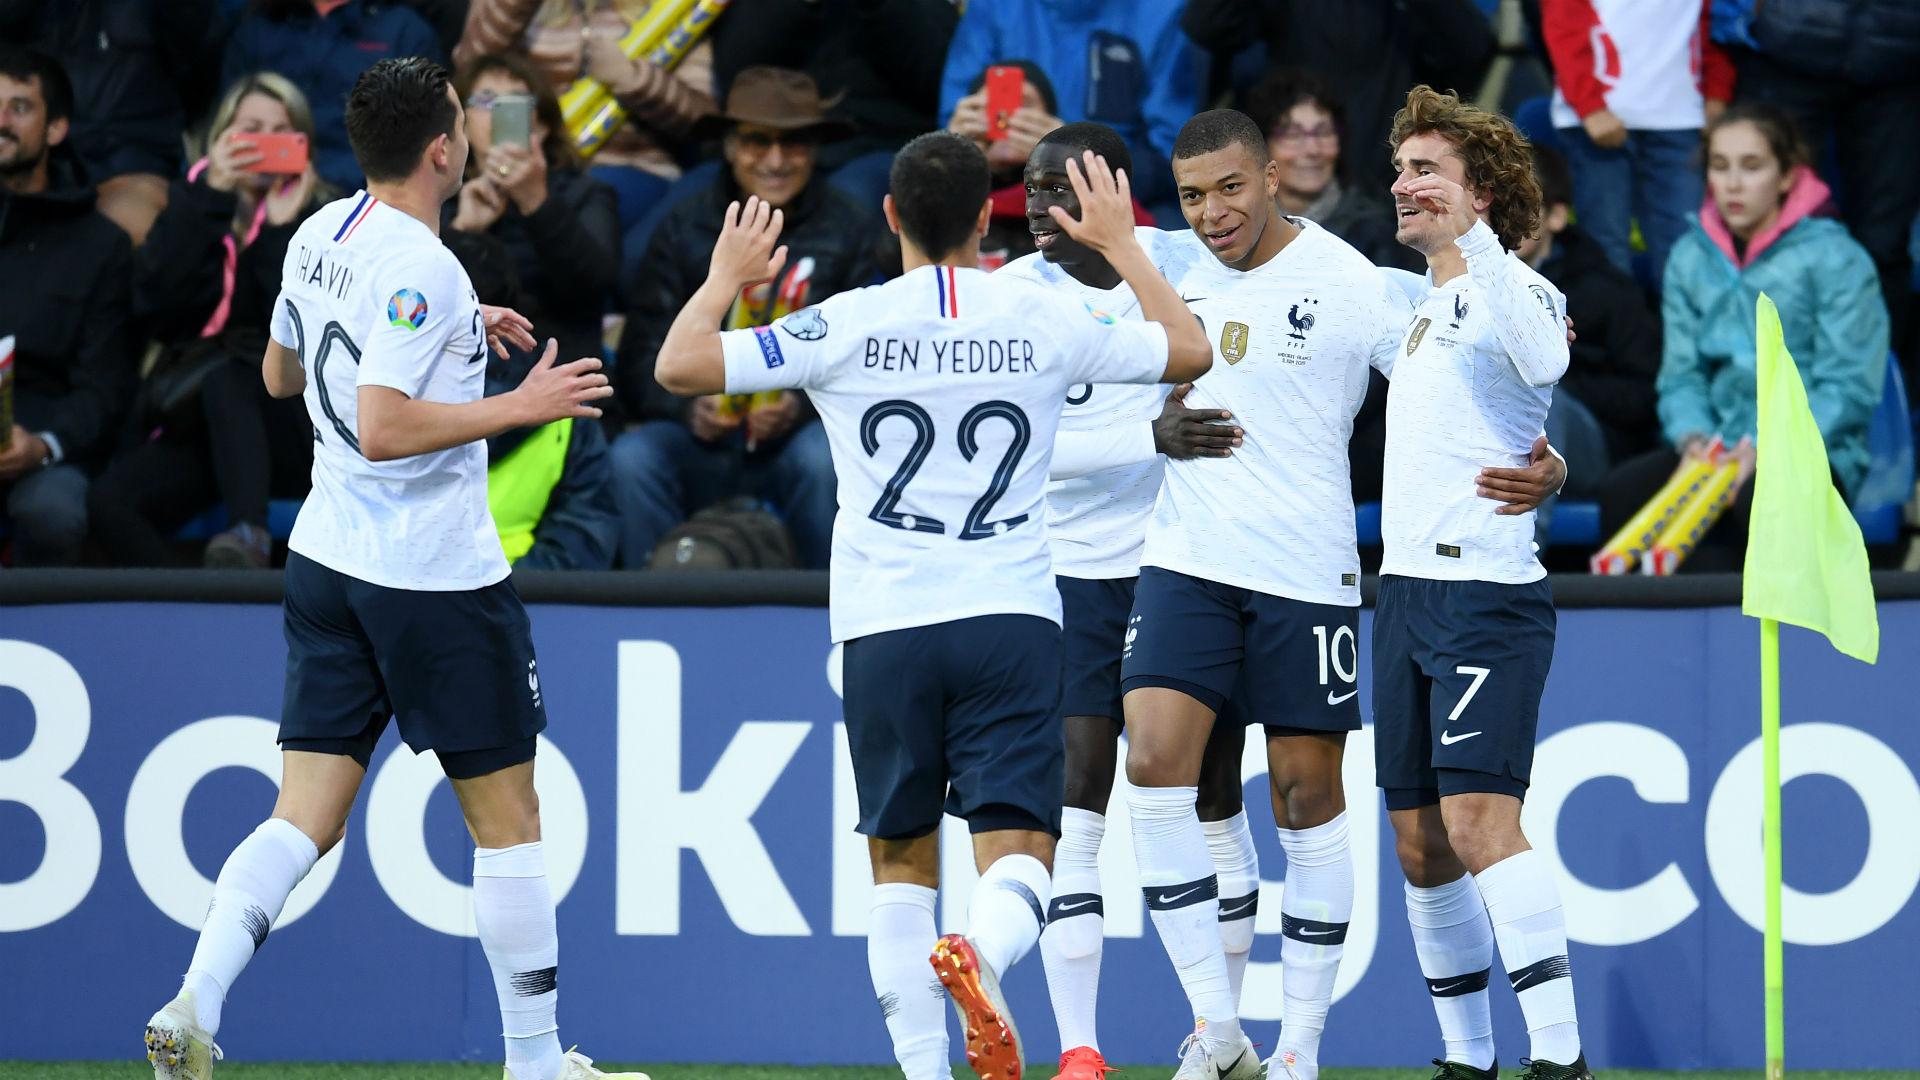 ไฮไลท์ ฟุตบอล อันดอร์ร่า 0 – 4 ฝรั่งเศส